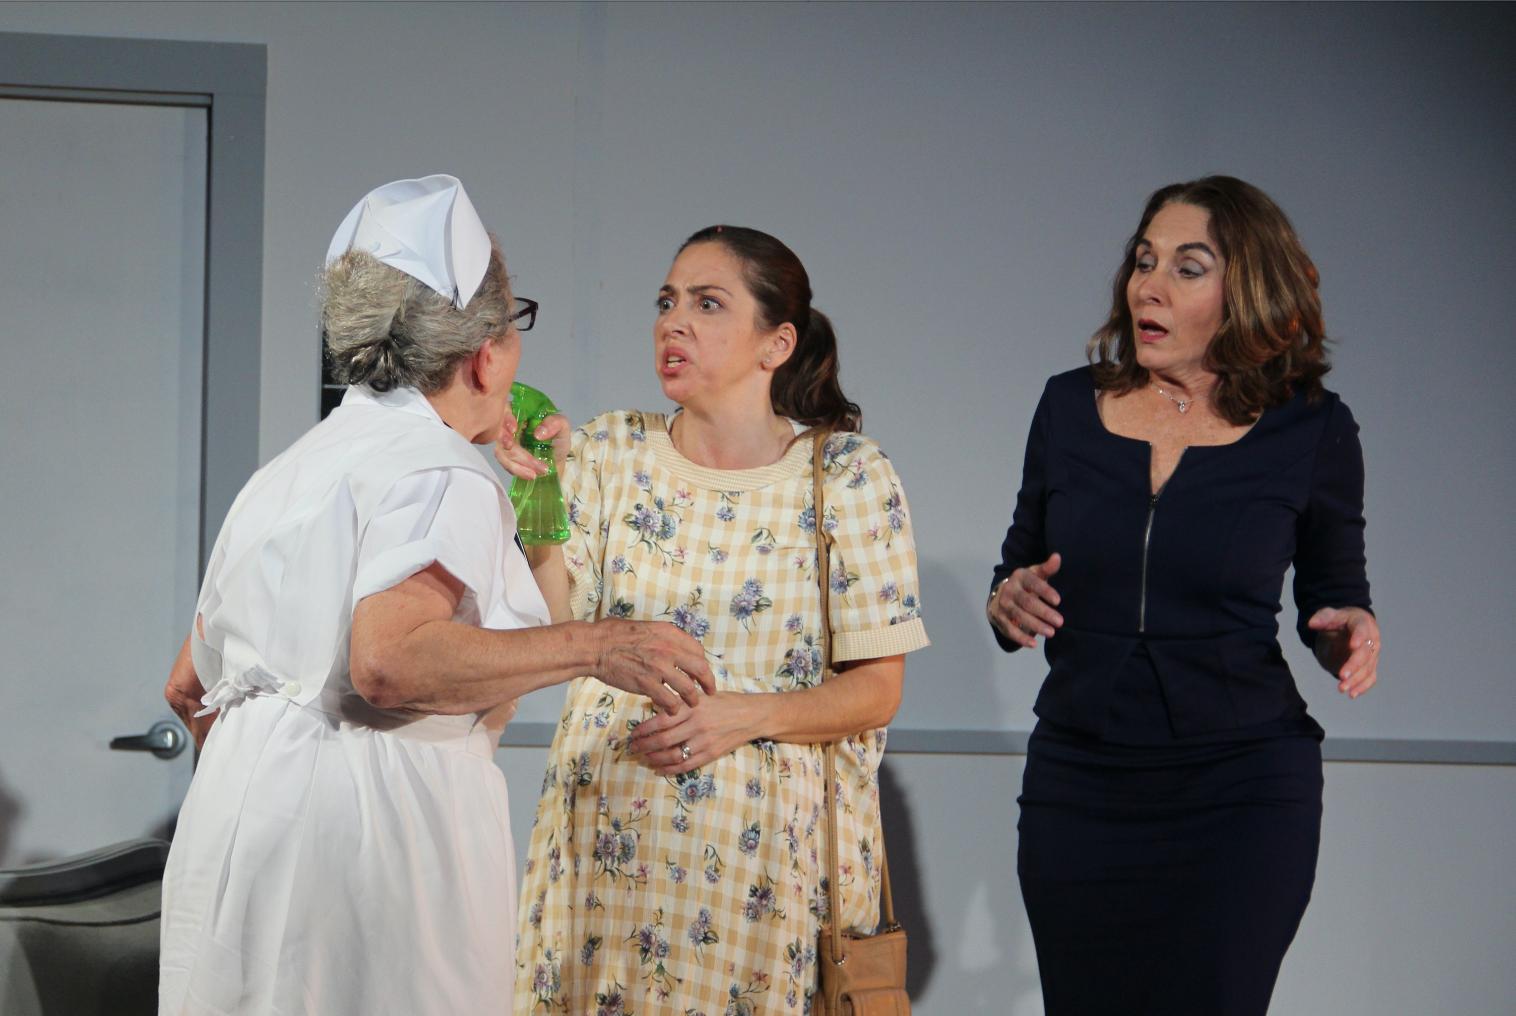 Nurse, Audrey & Veronique